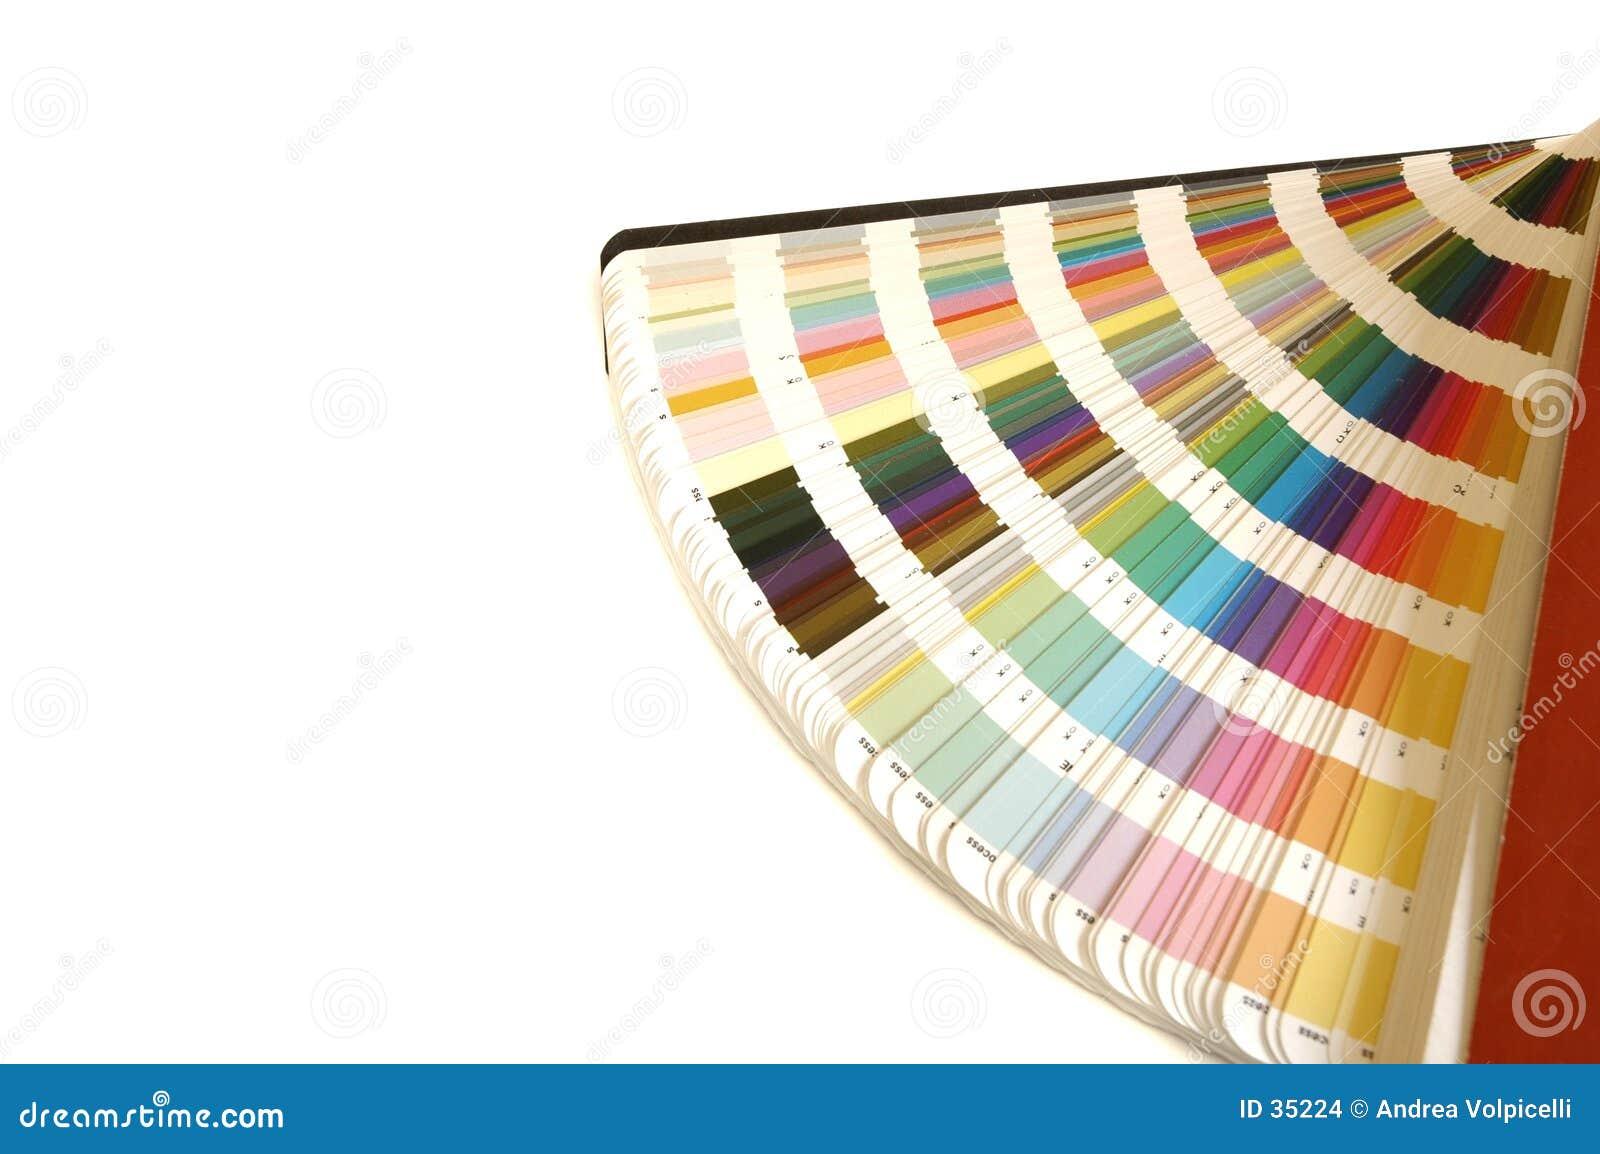 Farbenanleitung